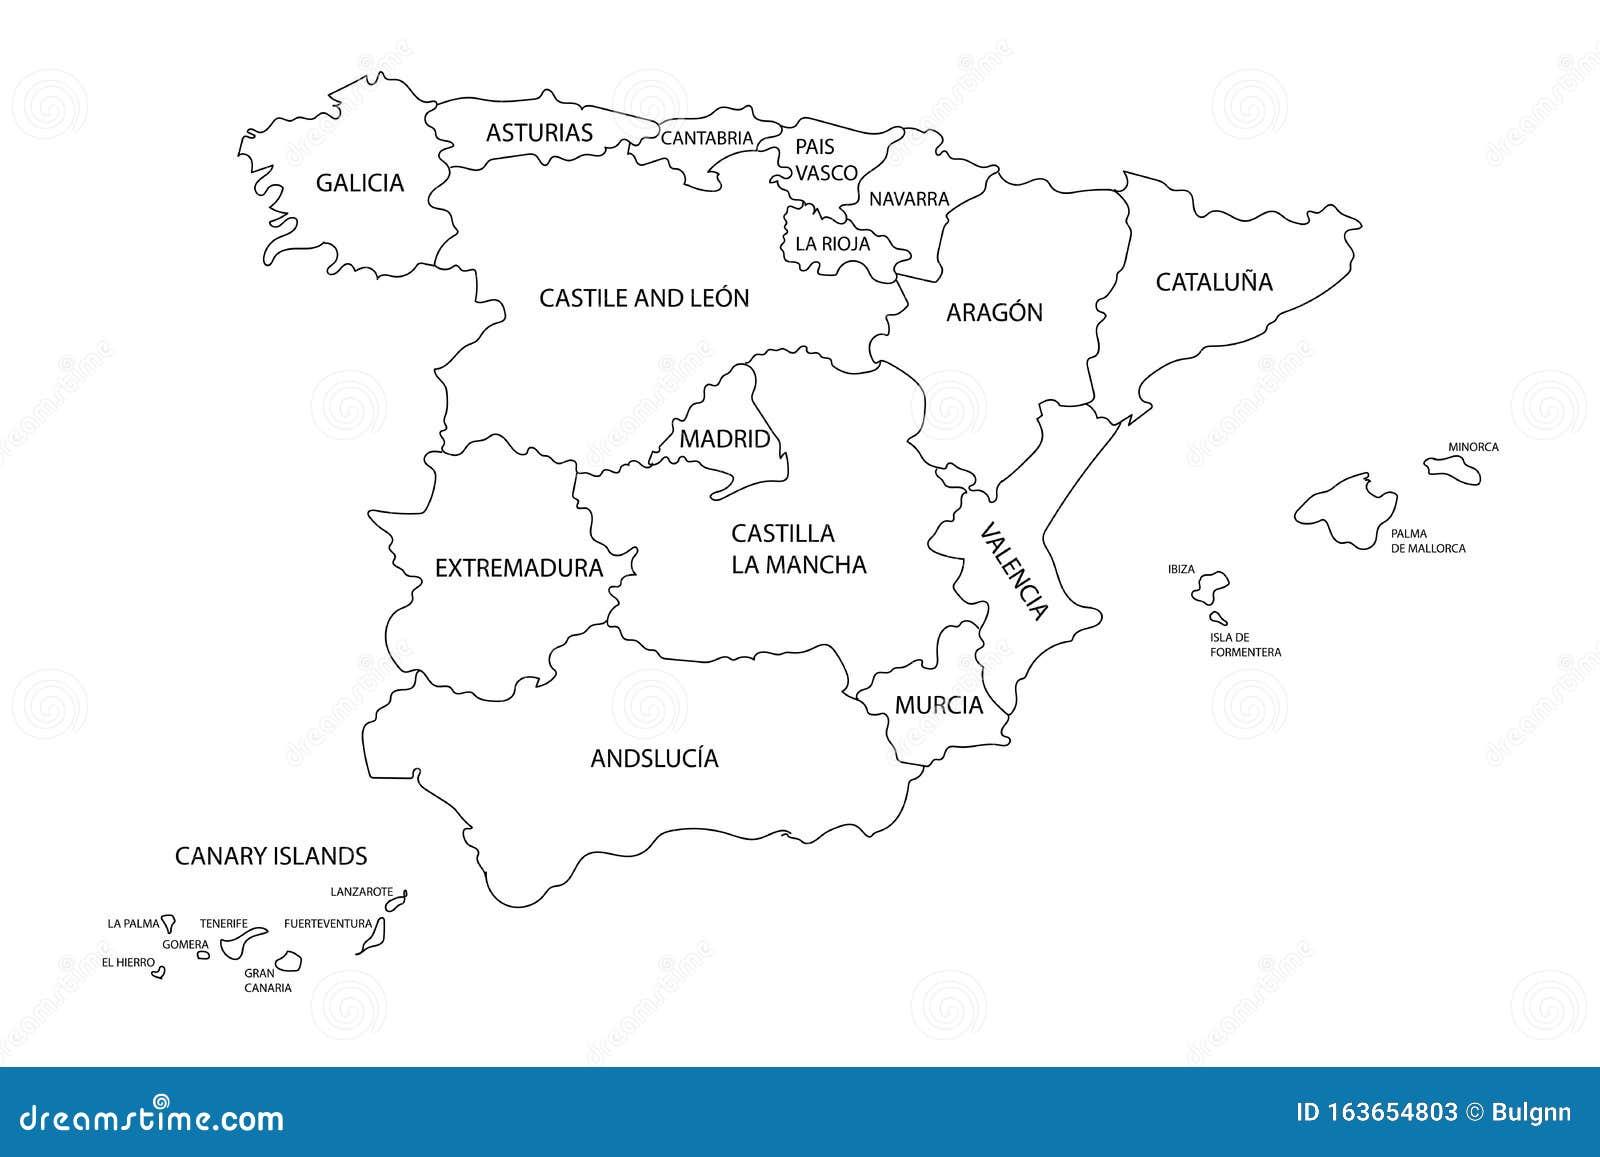 Cartina Mappa Spagna.Cartina Della Spagna Con Le Frontiere Delle Regioni Degli Stati O Delle Comunita Autonome Descrittura Mappa Di Contorno Nero Det Illustrazione Vettoriale Illustrazione Di Sfondo Bordo 163654803